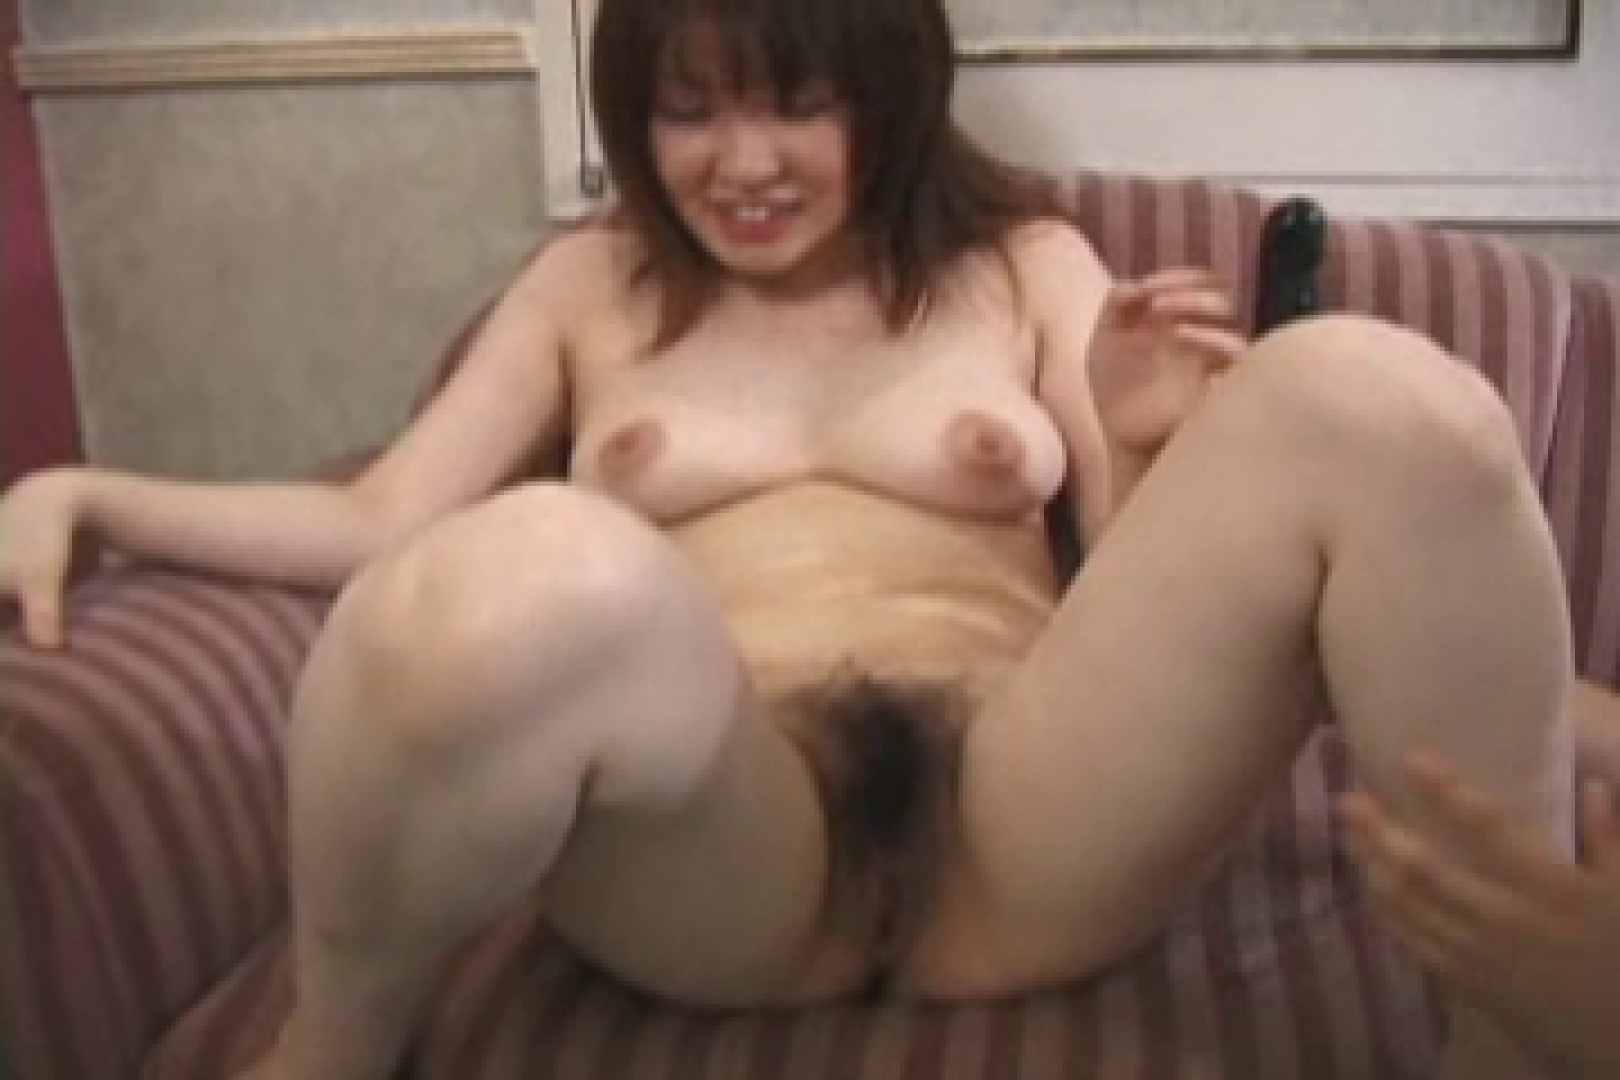 素人嬢126人のハメ撮り 斉藤由加 巨乳炸裂   エッチな素人  99枚 69